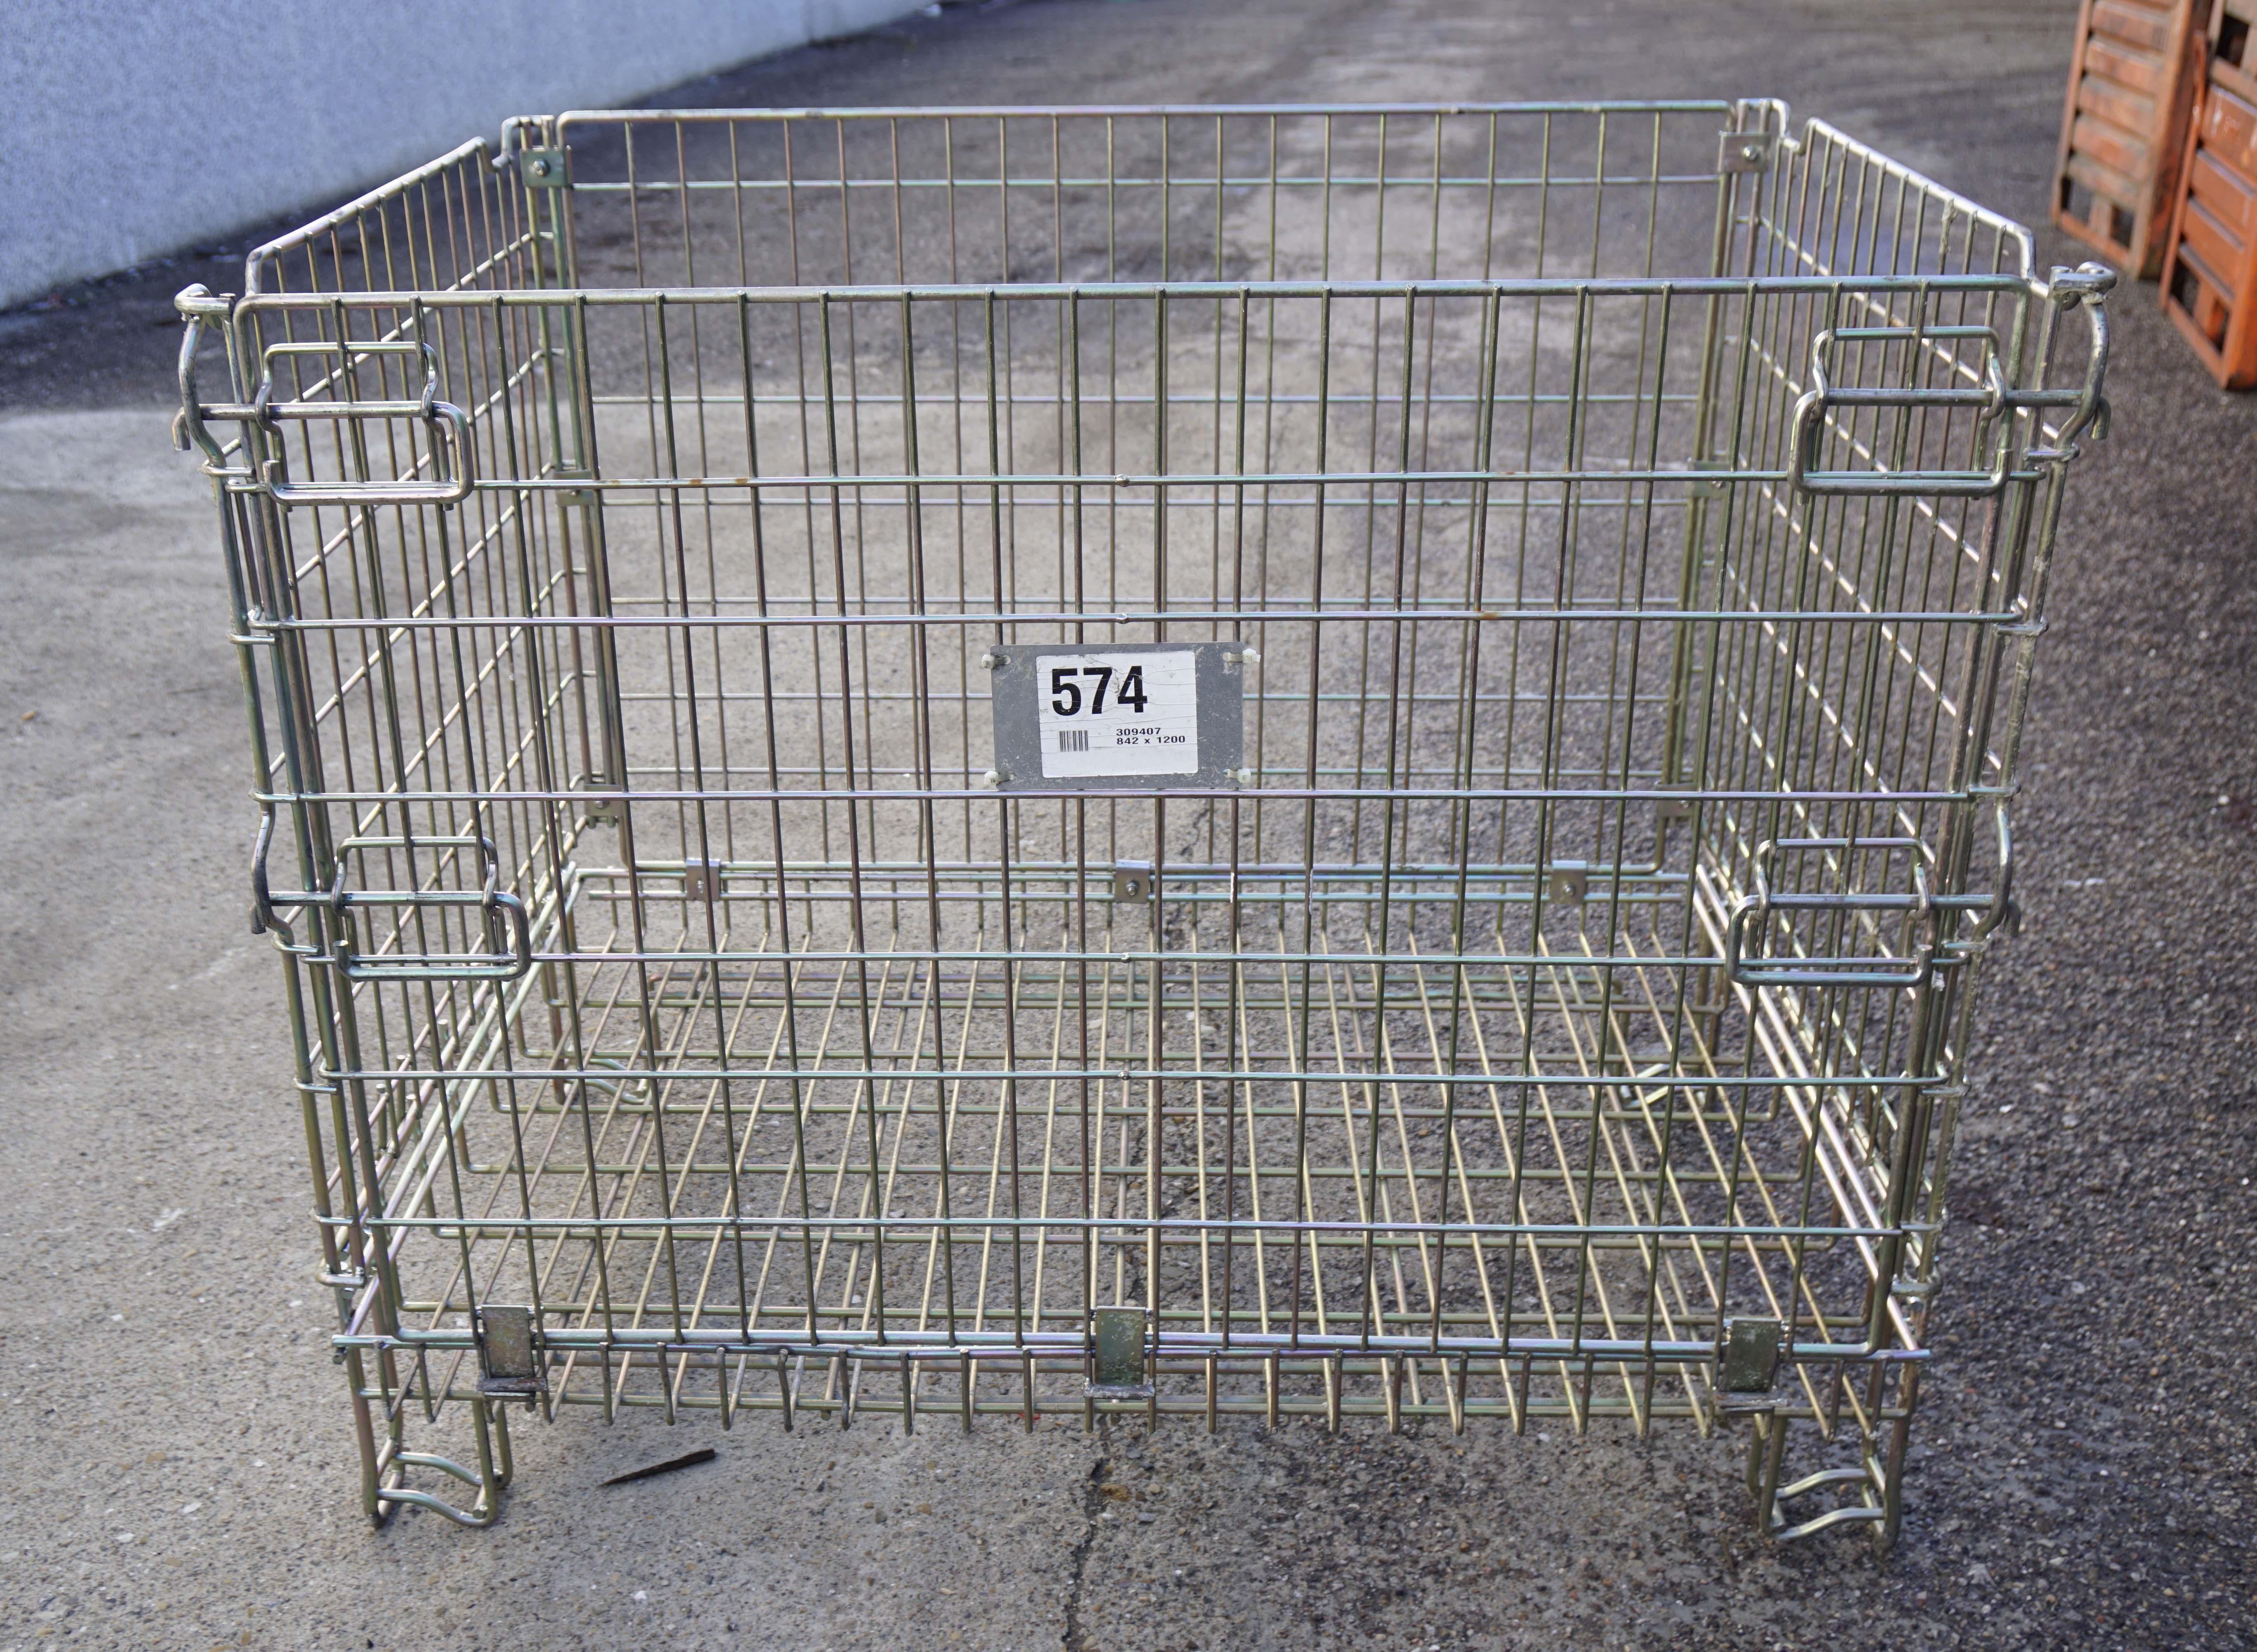 Ceste o cestoni in filo metallico richiudibili in vendita - foto 1